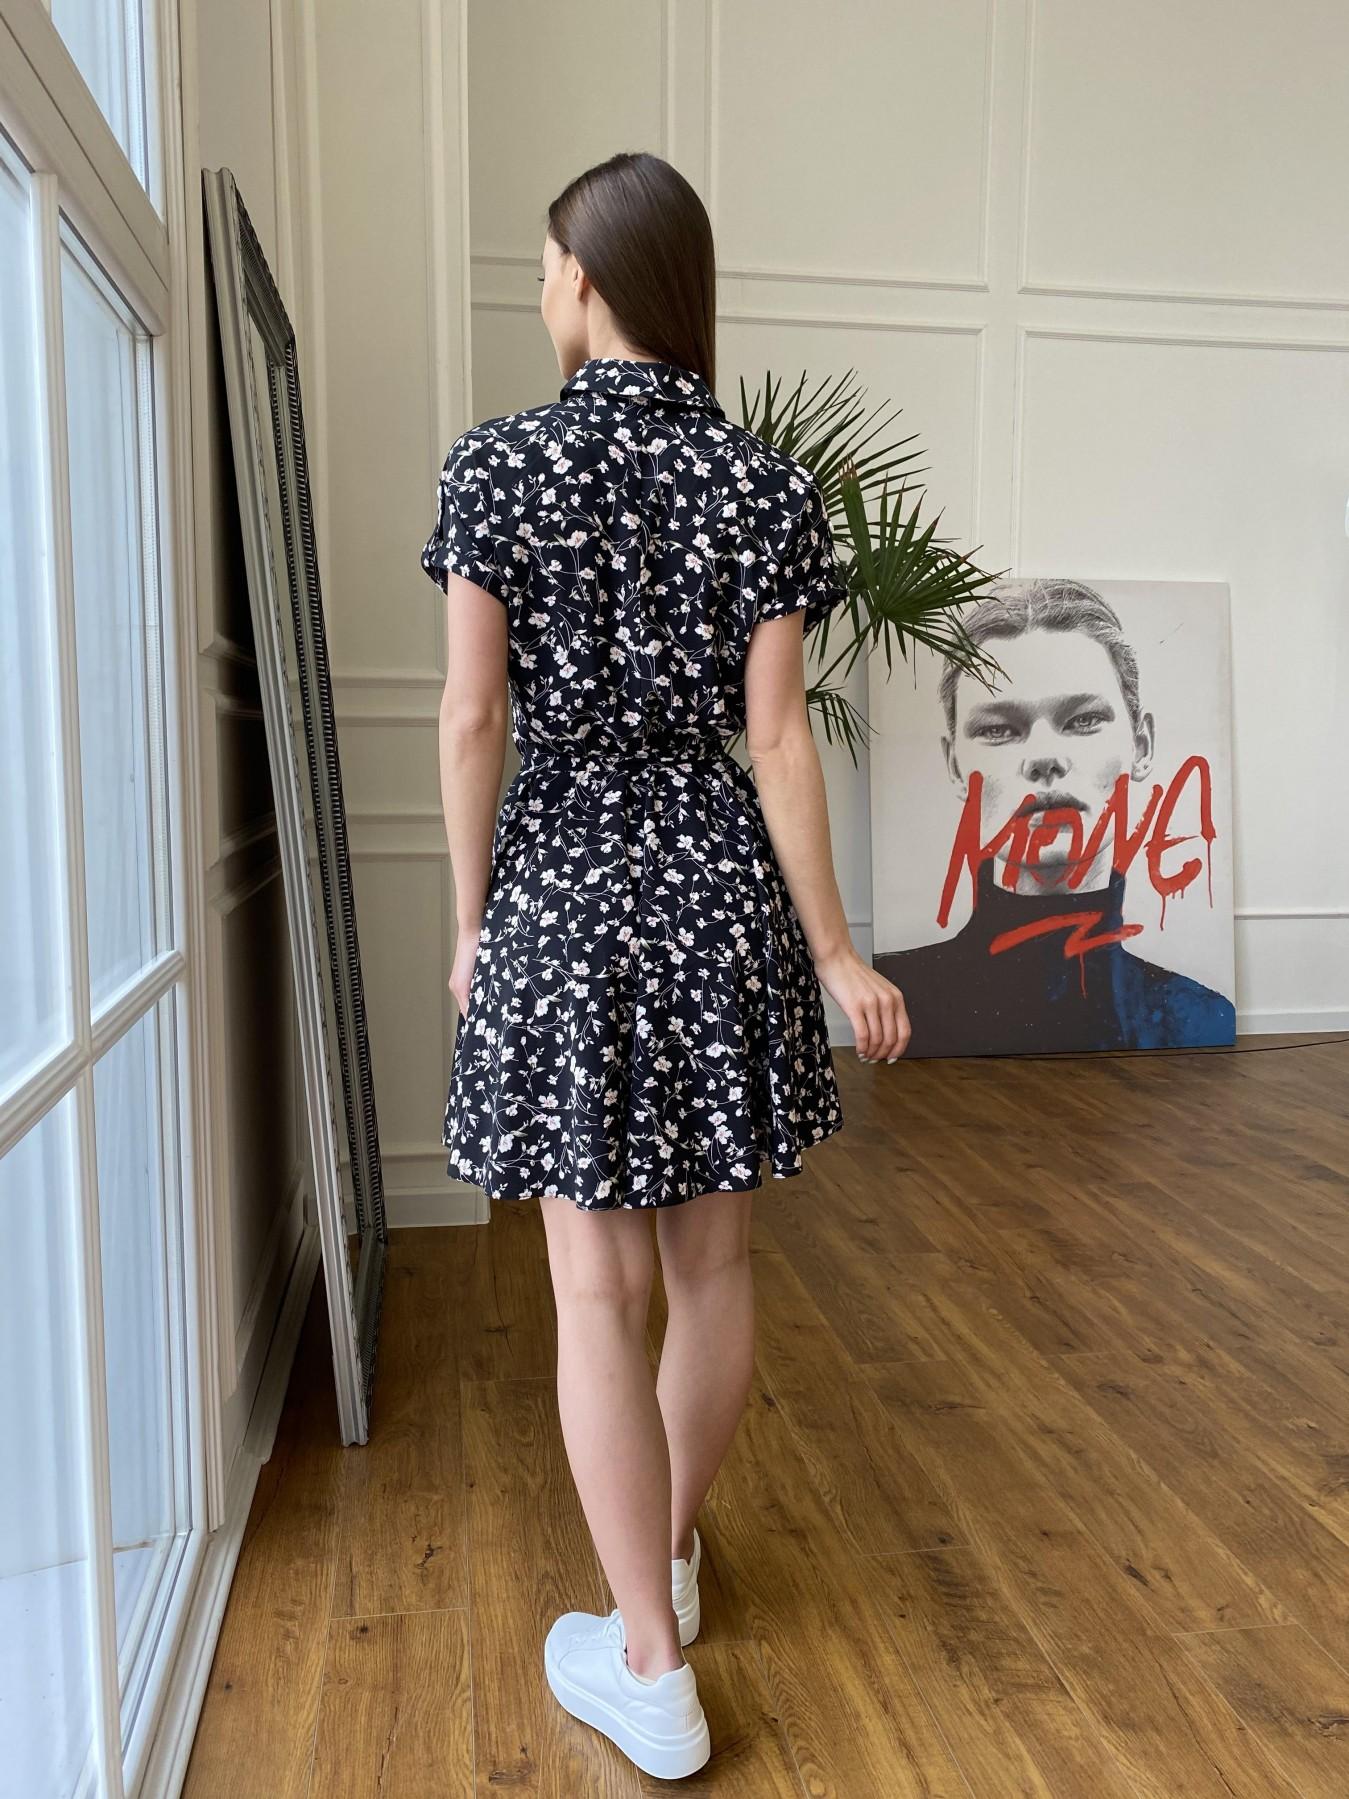 Санжар платье из ткани софт в принт 11215 АРТ. 47728 Цвет: Черный/молоко, Цветы - фото 11, интернет магазин tm-modus.ru